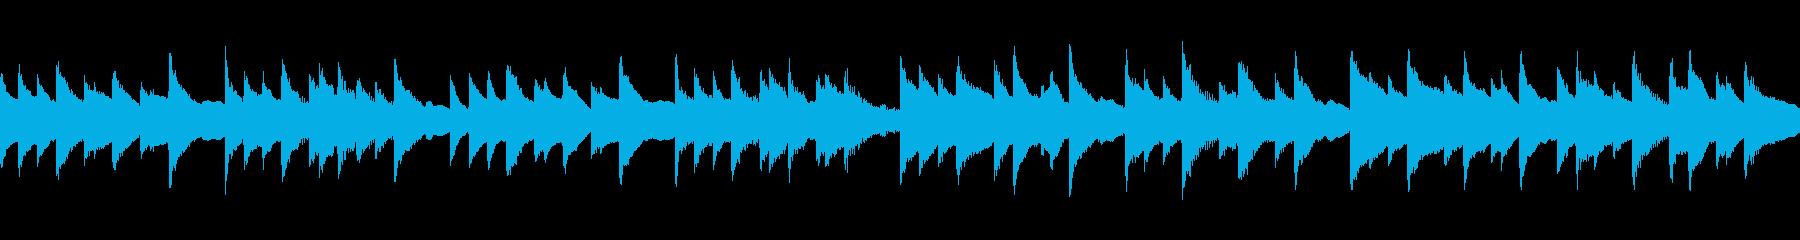 【主張しない背景音楽】優しさ1【ループ】の再生済みの波形